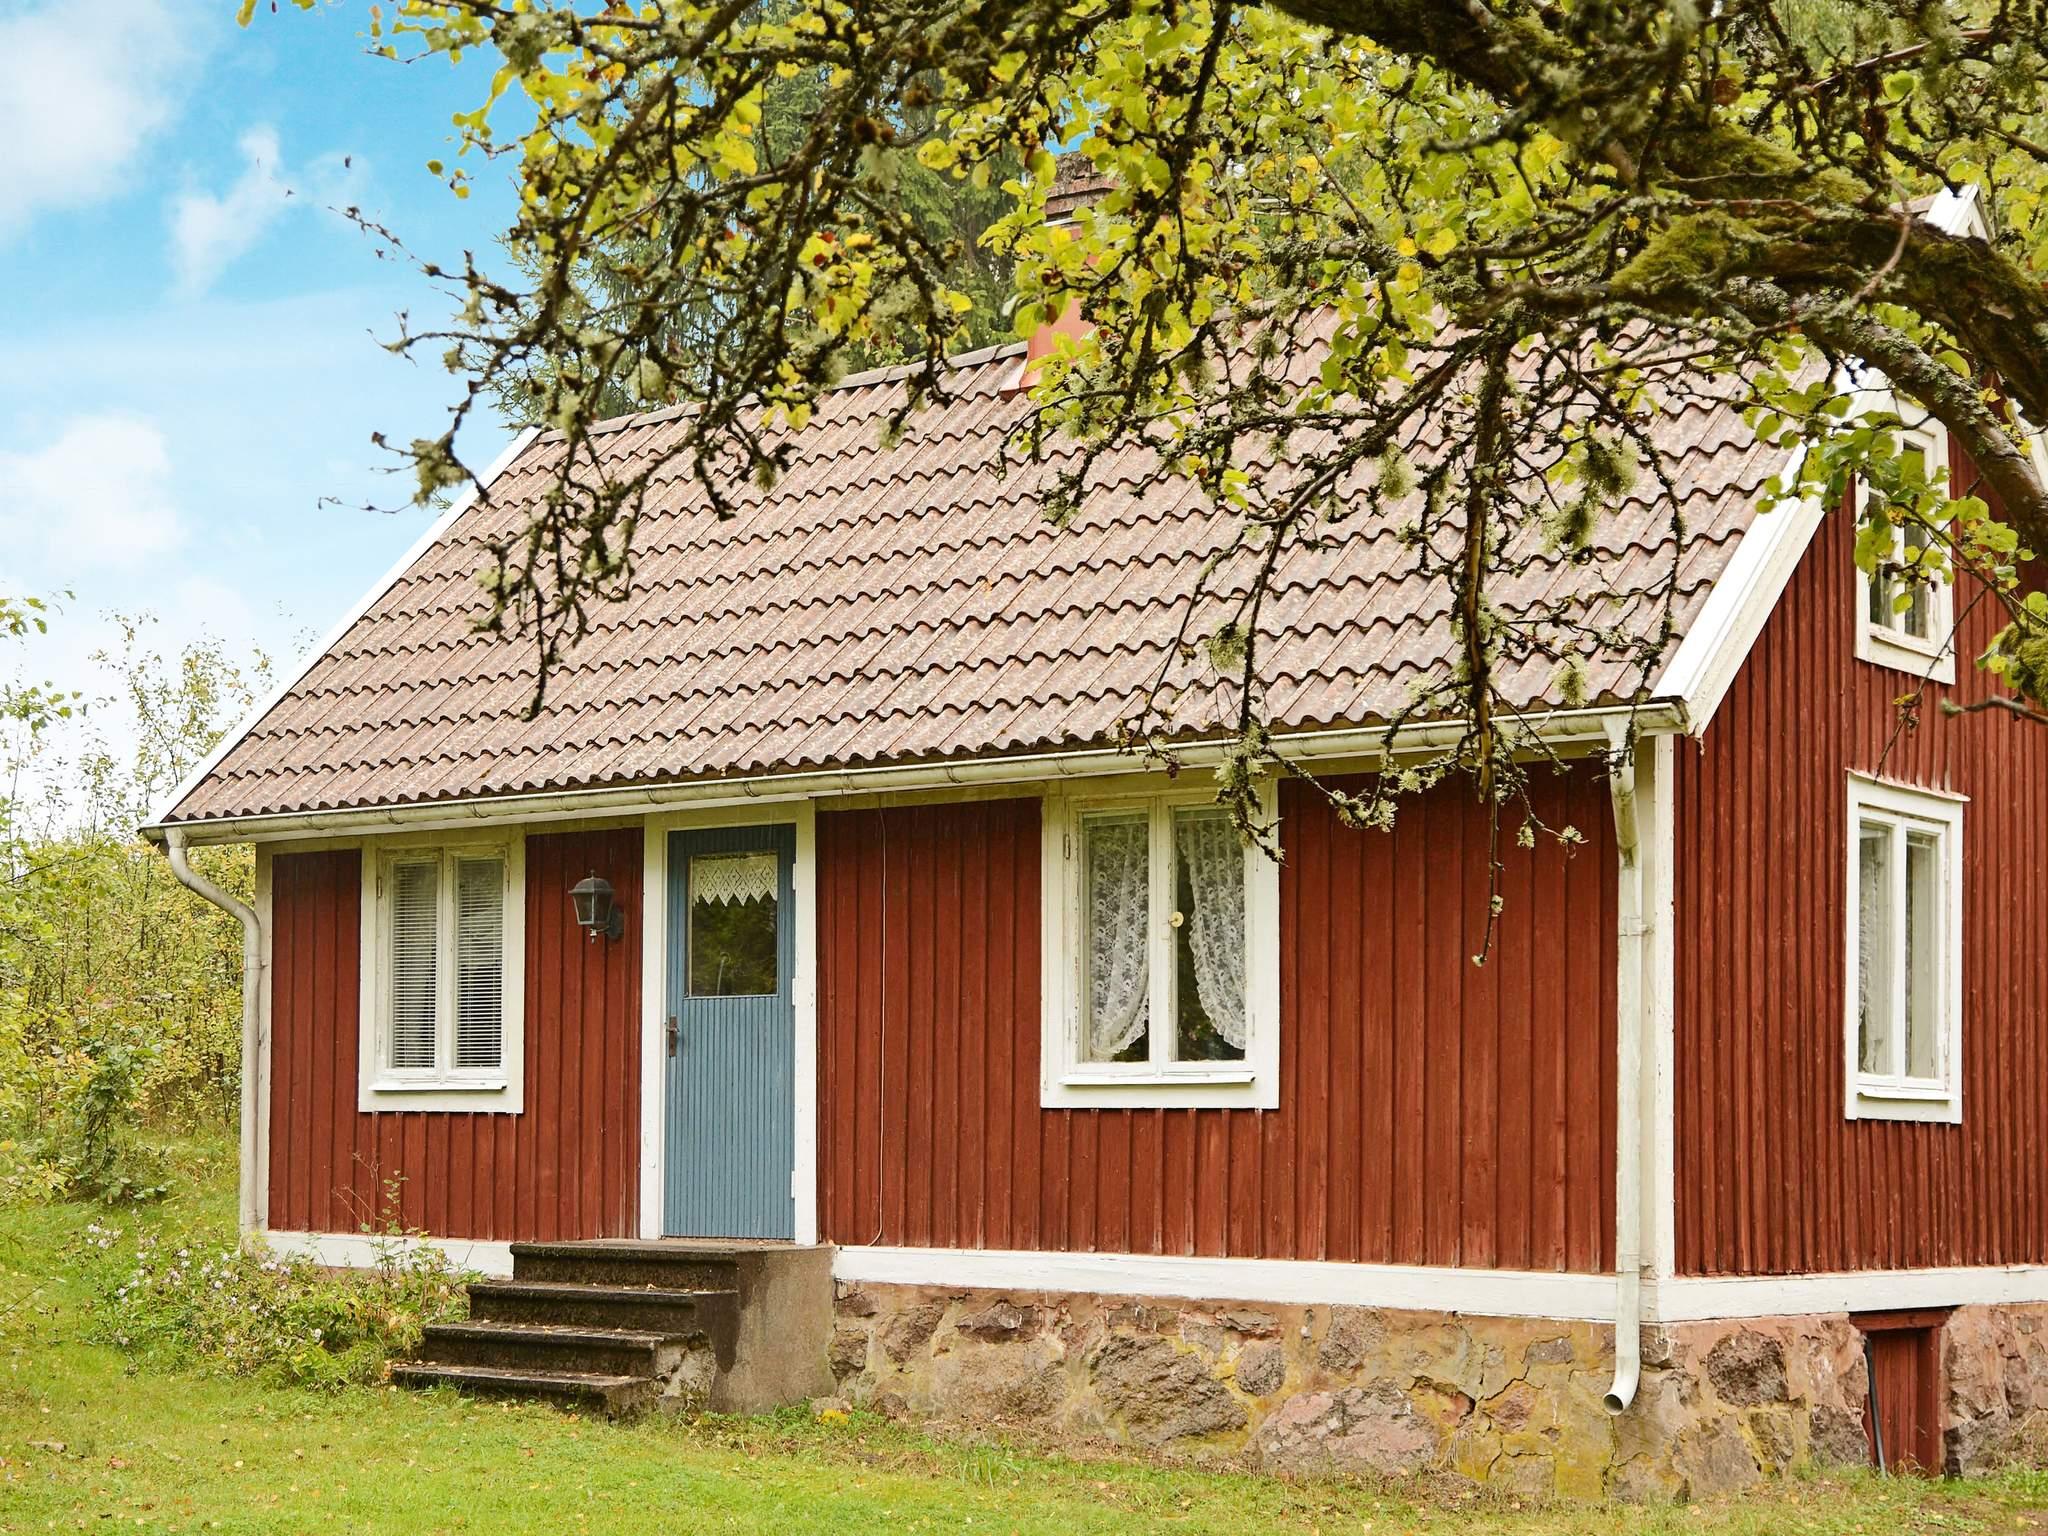 Ferienhaus Vissefjärda (146444), Vissefjärda, Kalmar län, Südschweden, Schweden, Bild 10